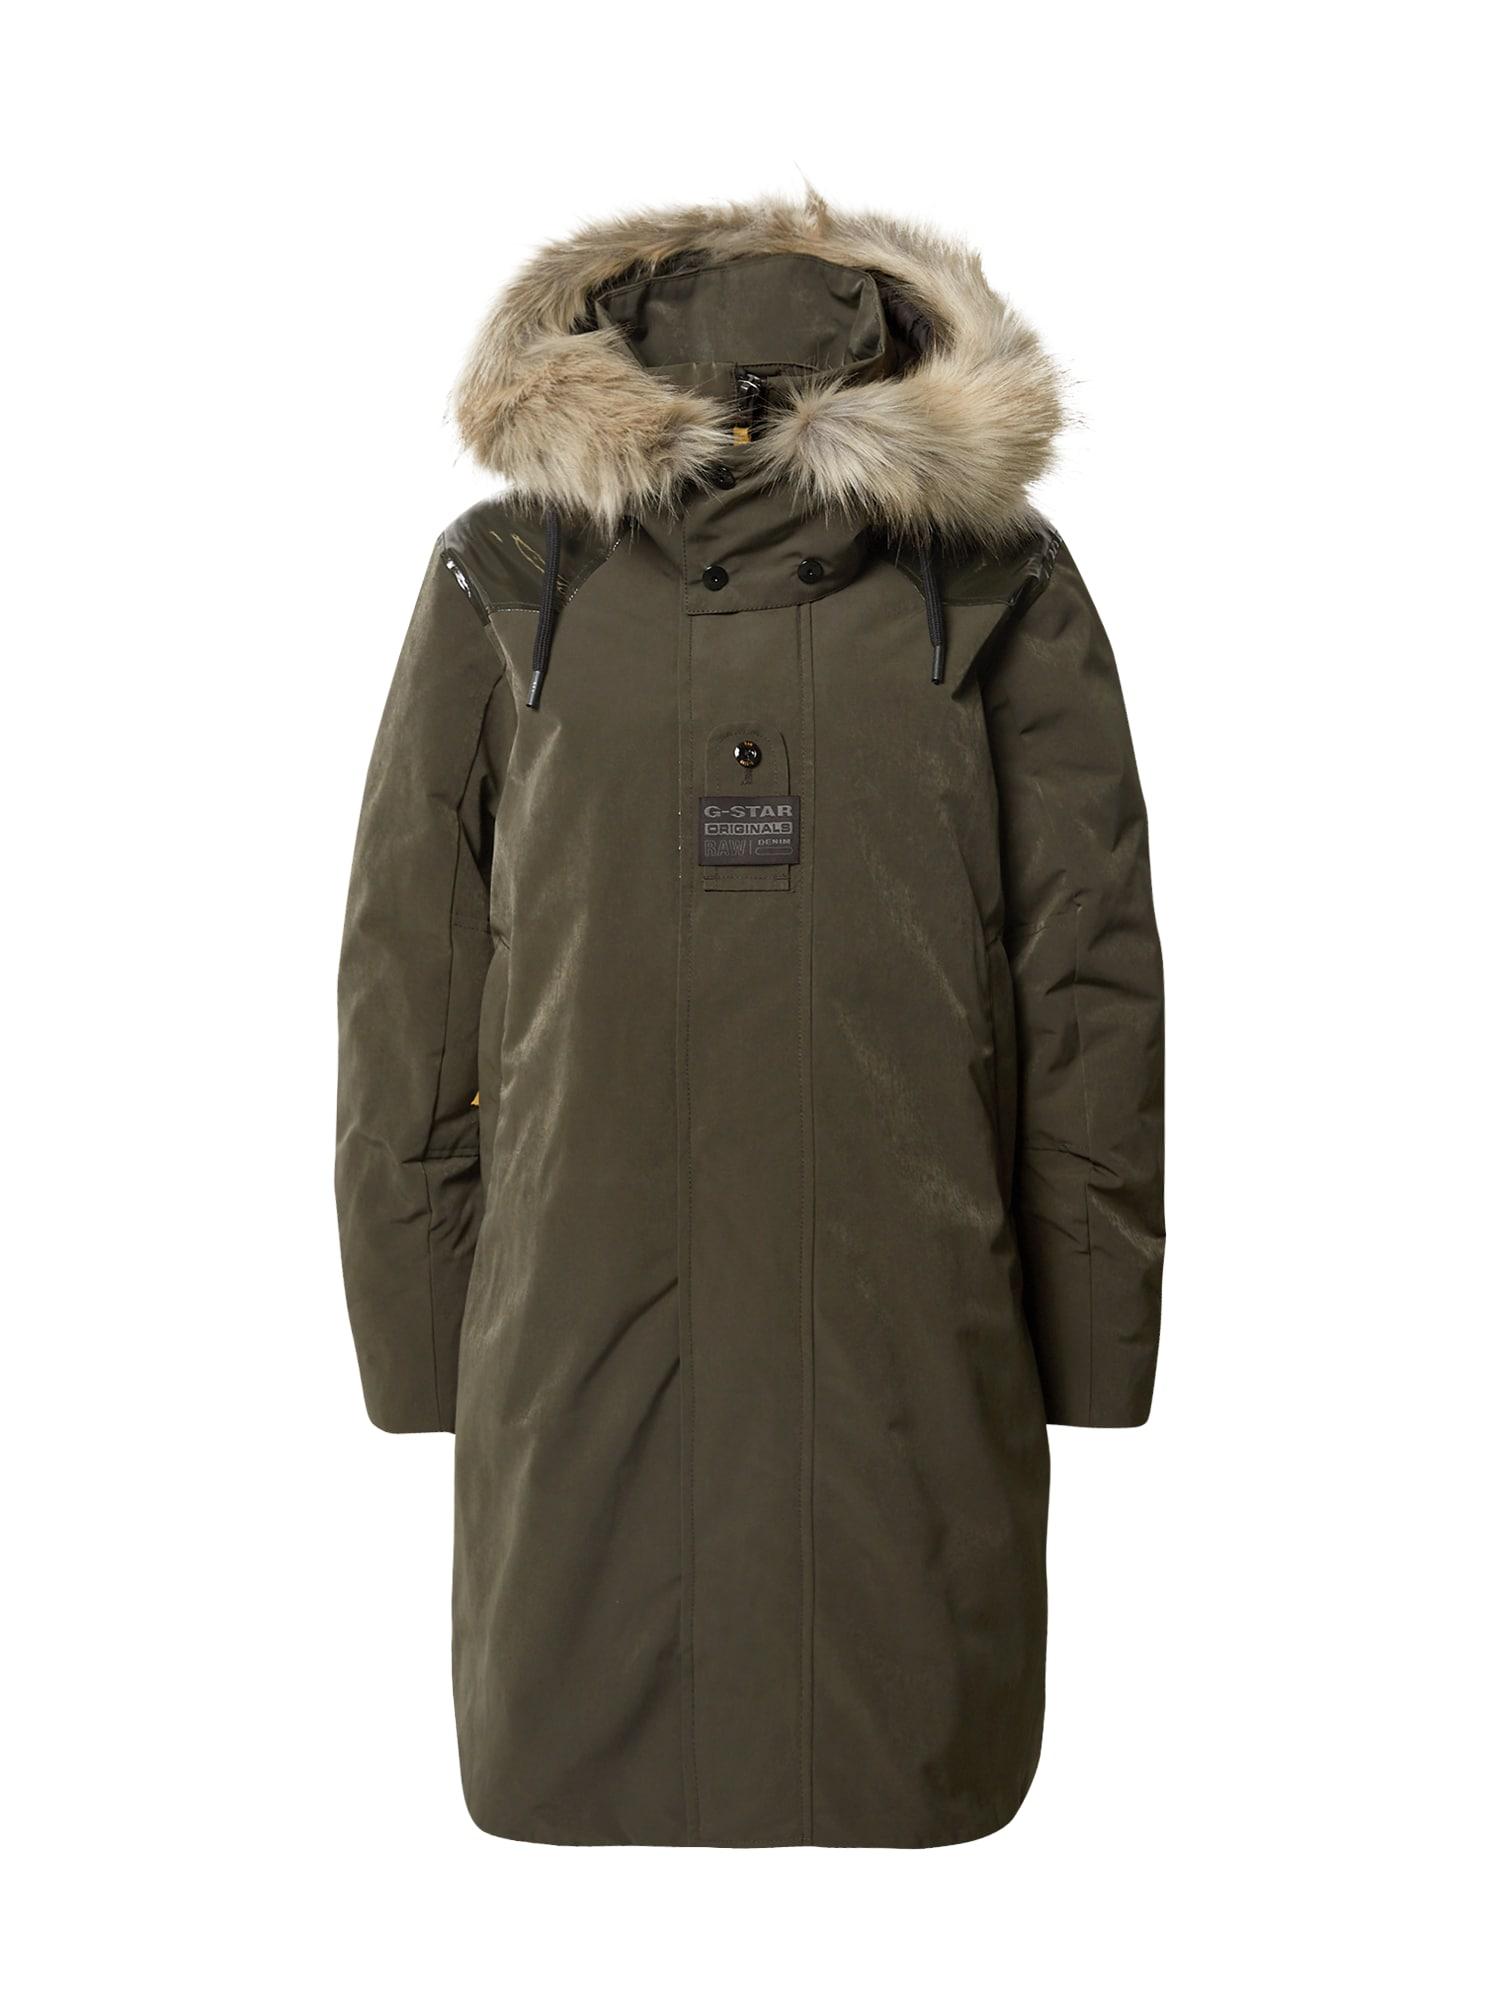 G-Star RAW Žieminis paltas alyvuogių spalva